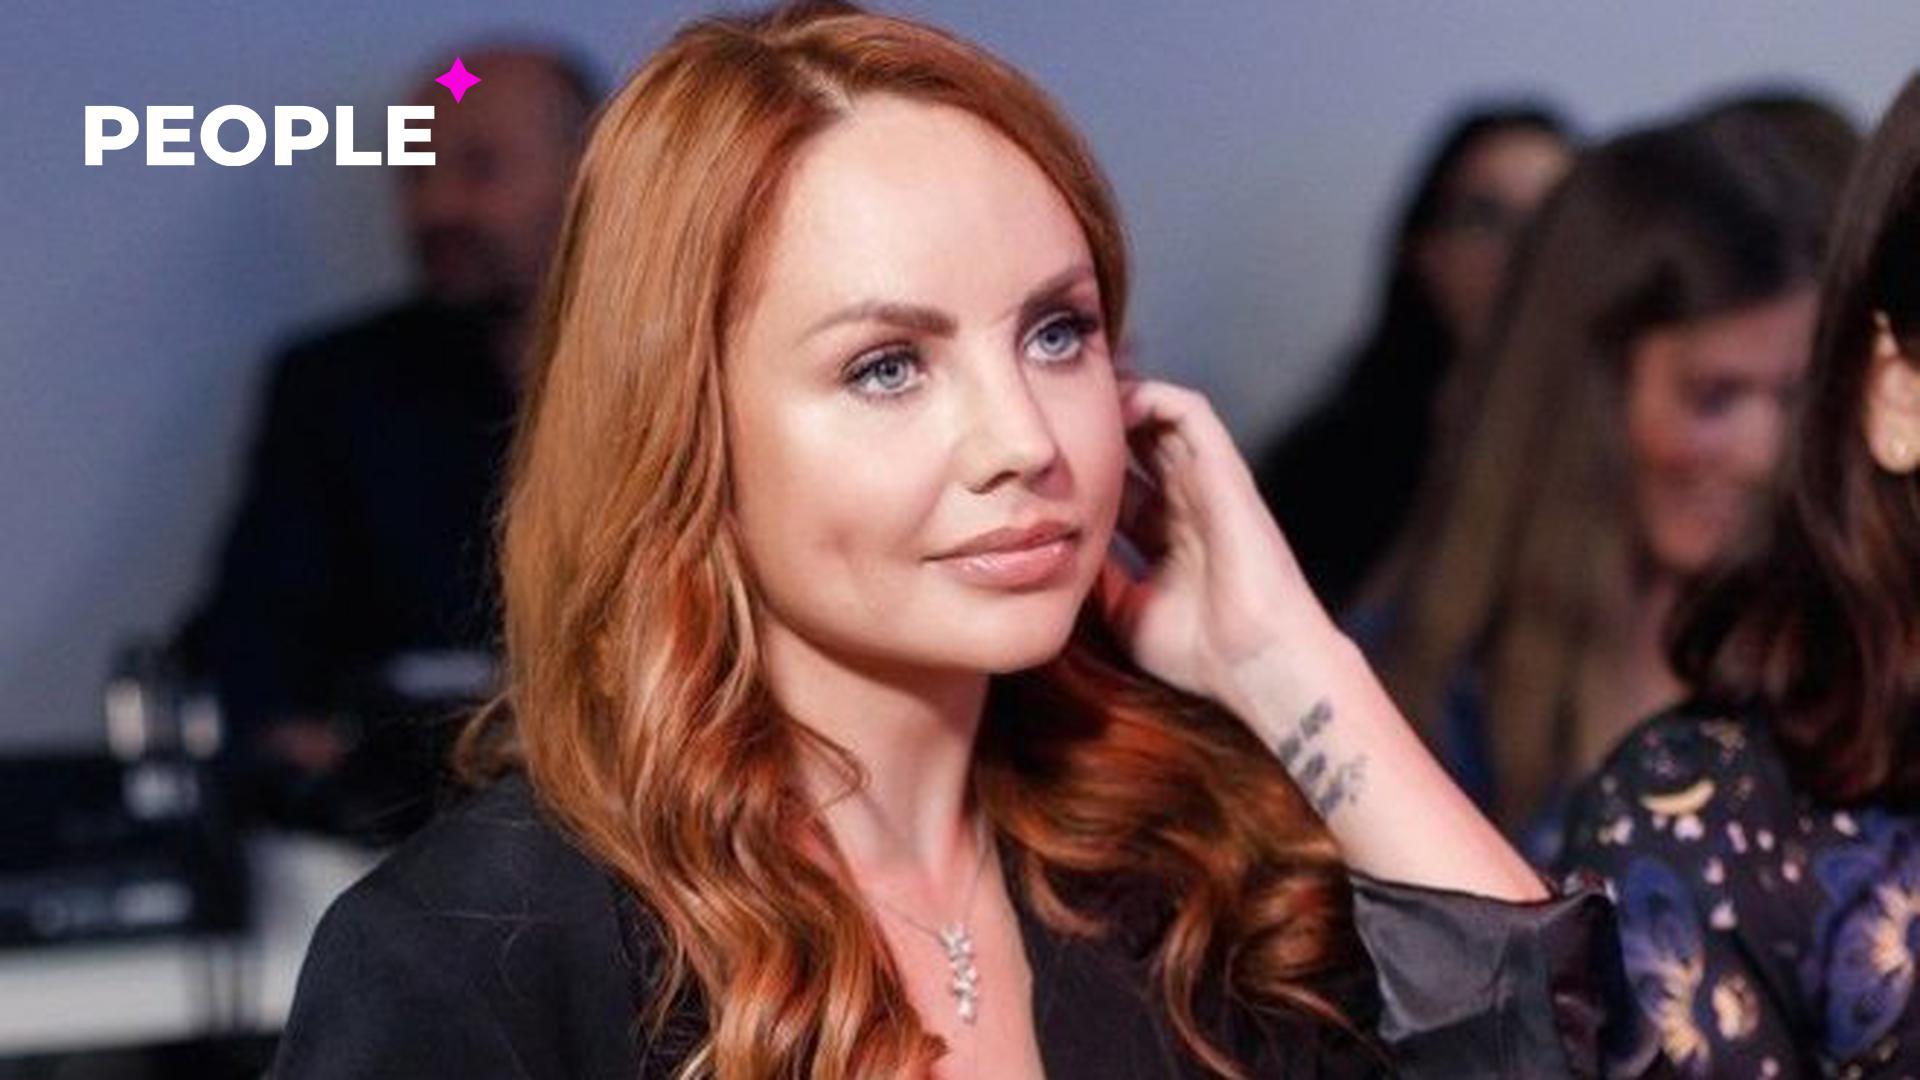 Стало известно, что певица Максим уже много лет встречается с женатым мужчиной